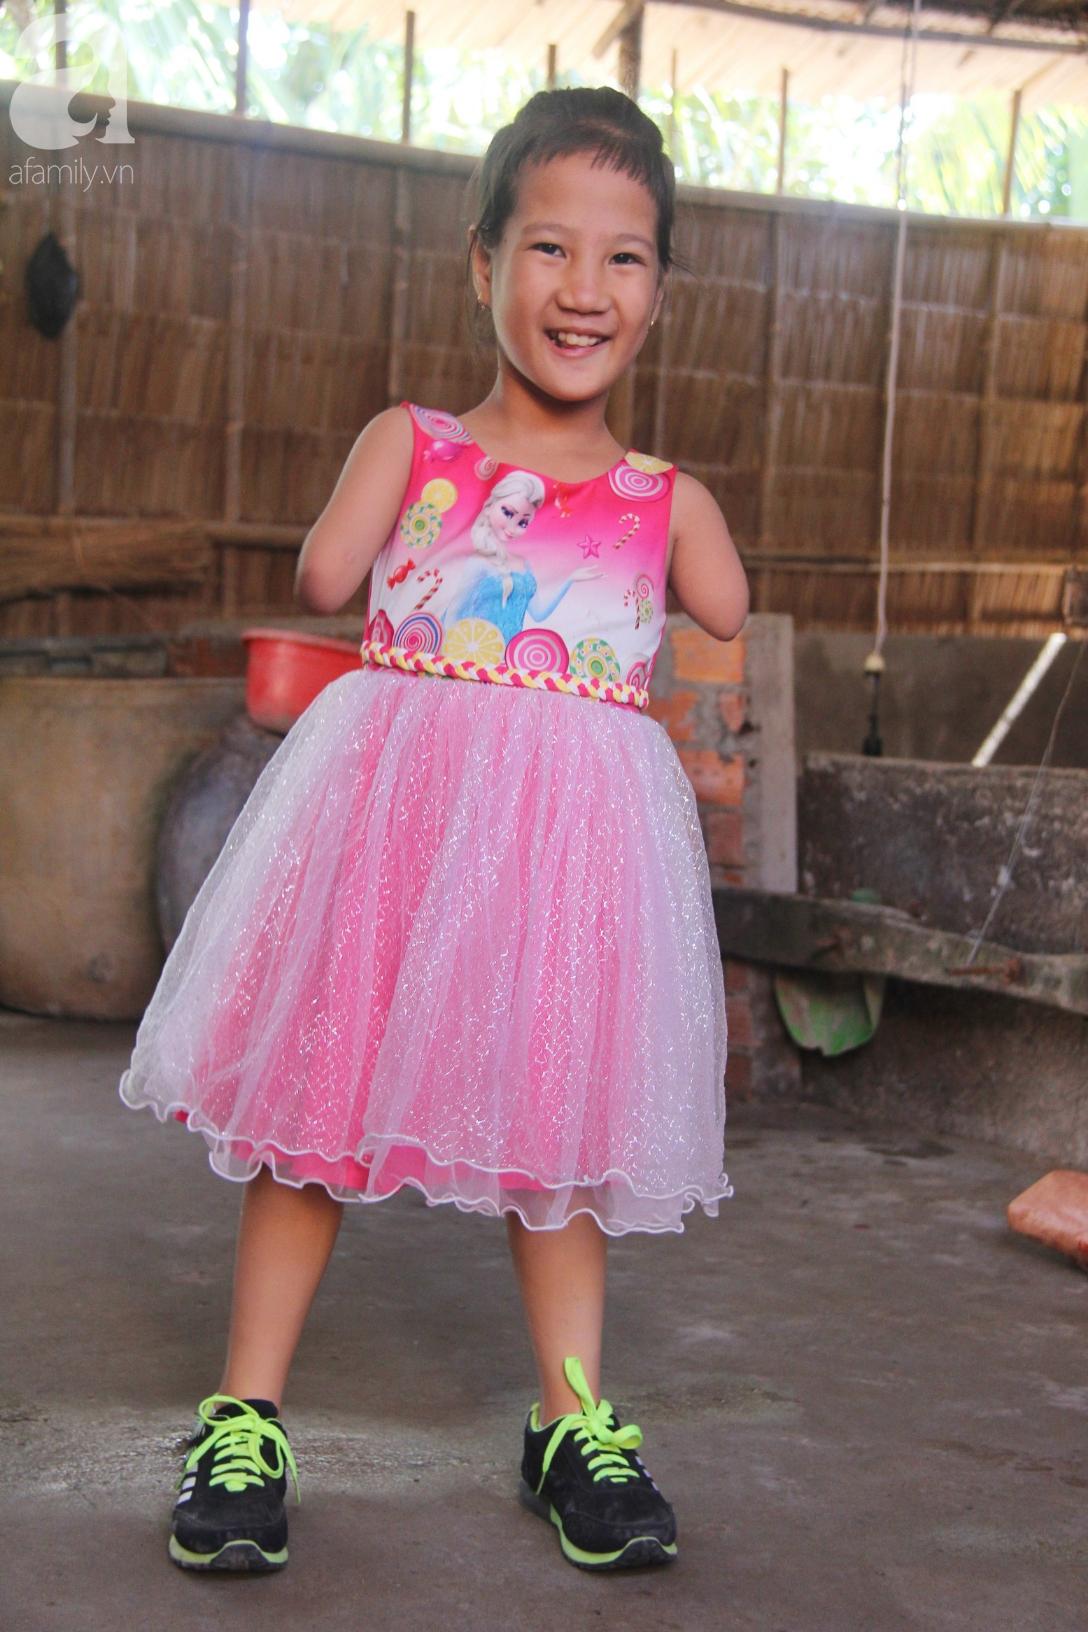 Tết đến, cô bé 8 tuổi cụt tay cụt chân Hiếu Thảo mừng rỡ khoe: Con có chân giả để đi học rồi - Ảnh 9.